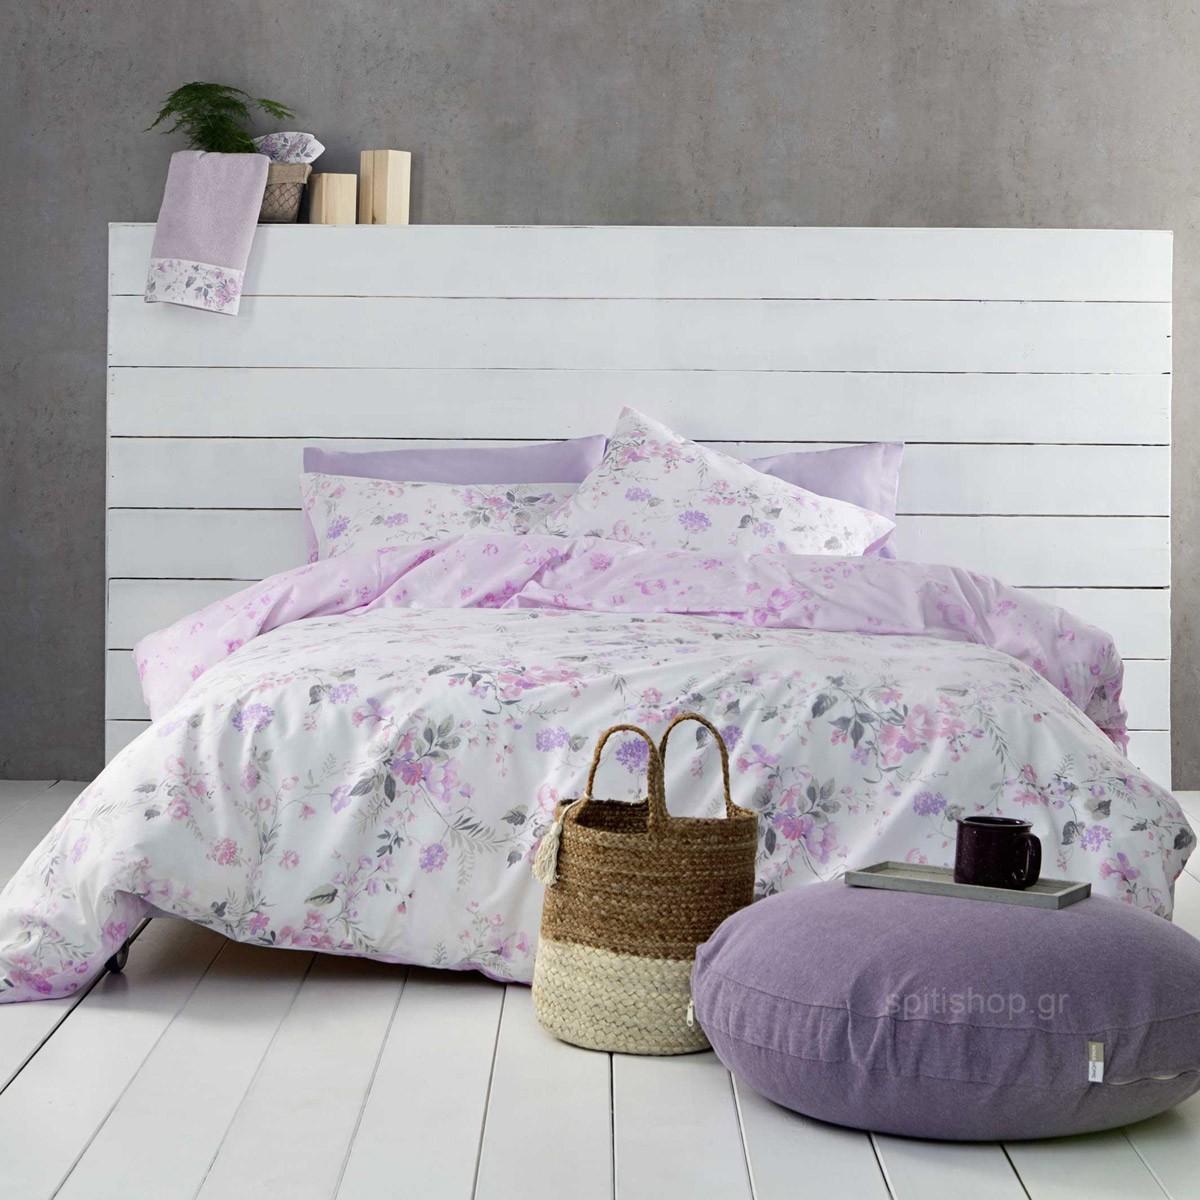 Σεντόνια King Size (Σετ) Nima Bed Linen Floret Pink